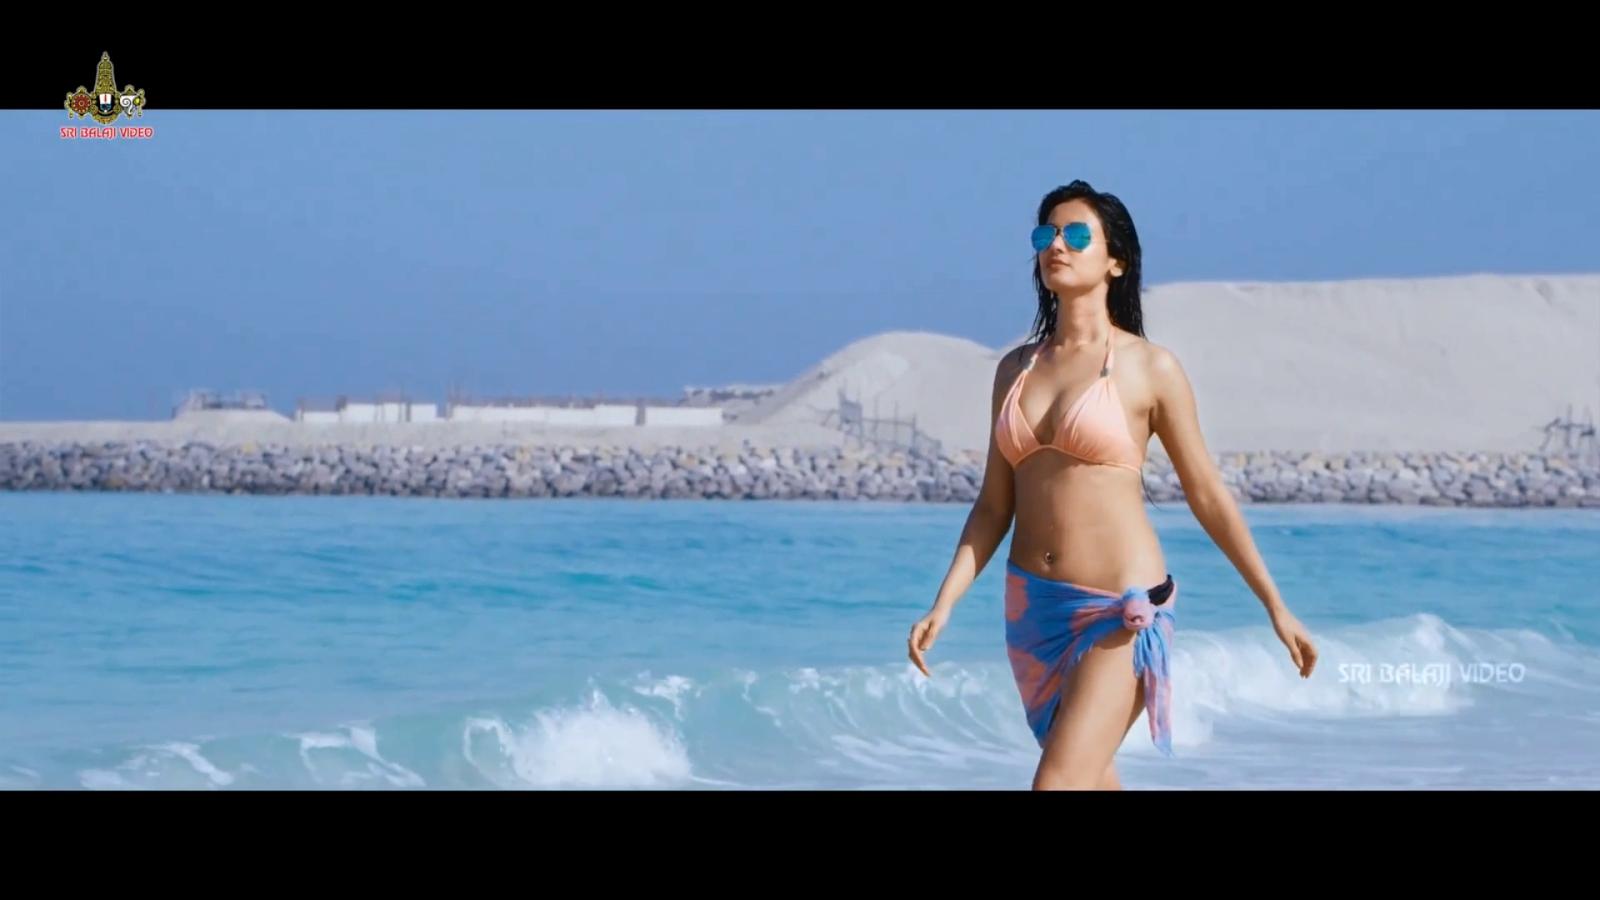 Sonal chauhan hot bikini